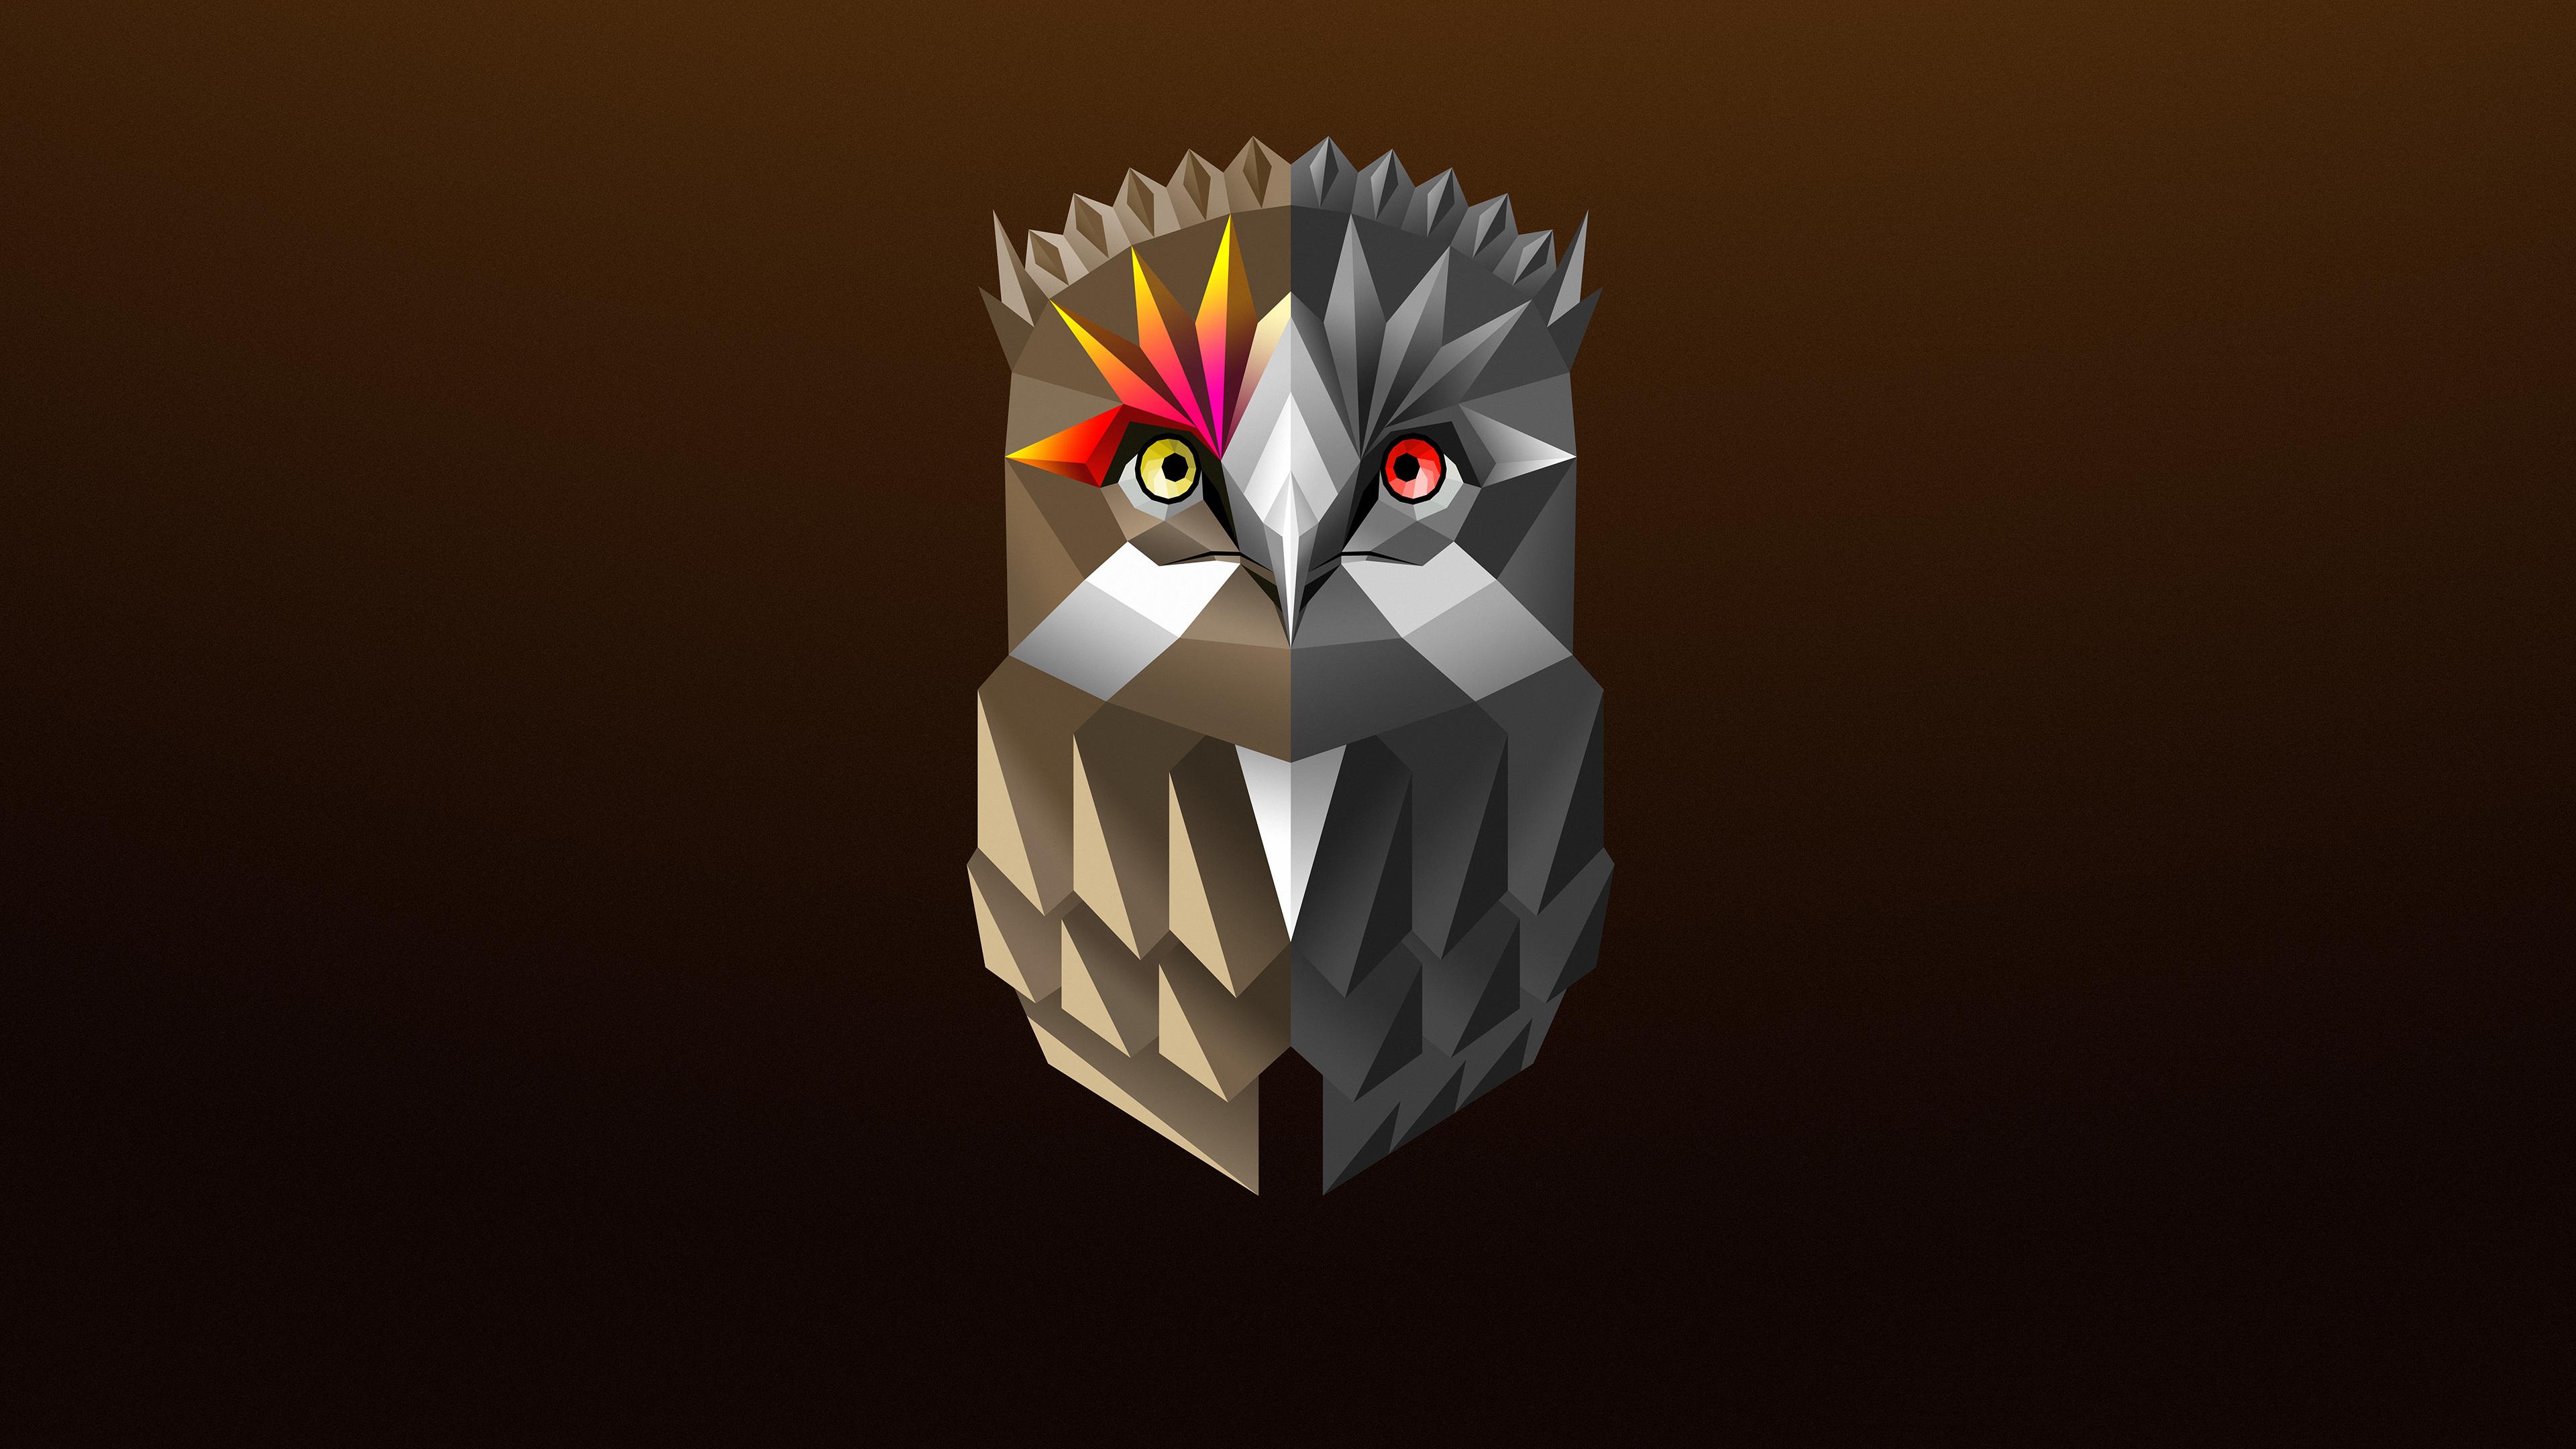 Owl Facets Colorful Digital Art 4k